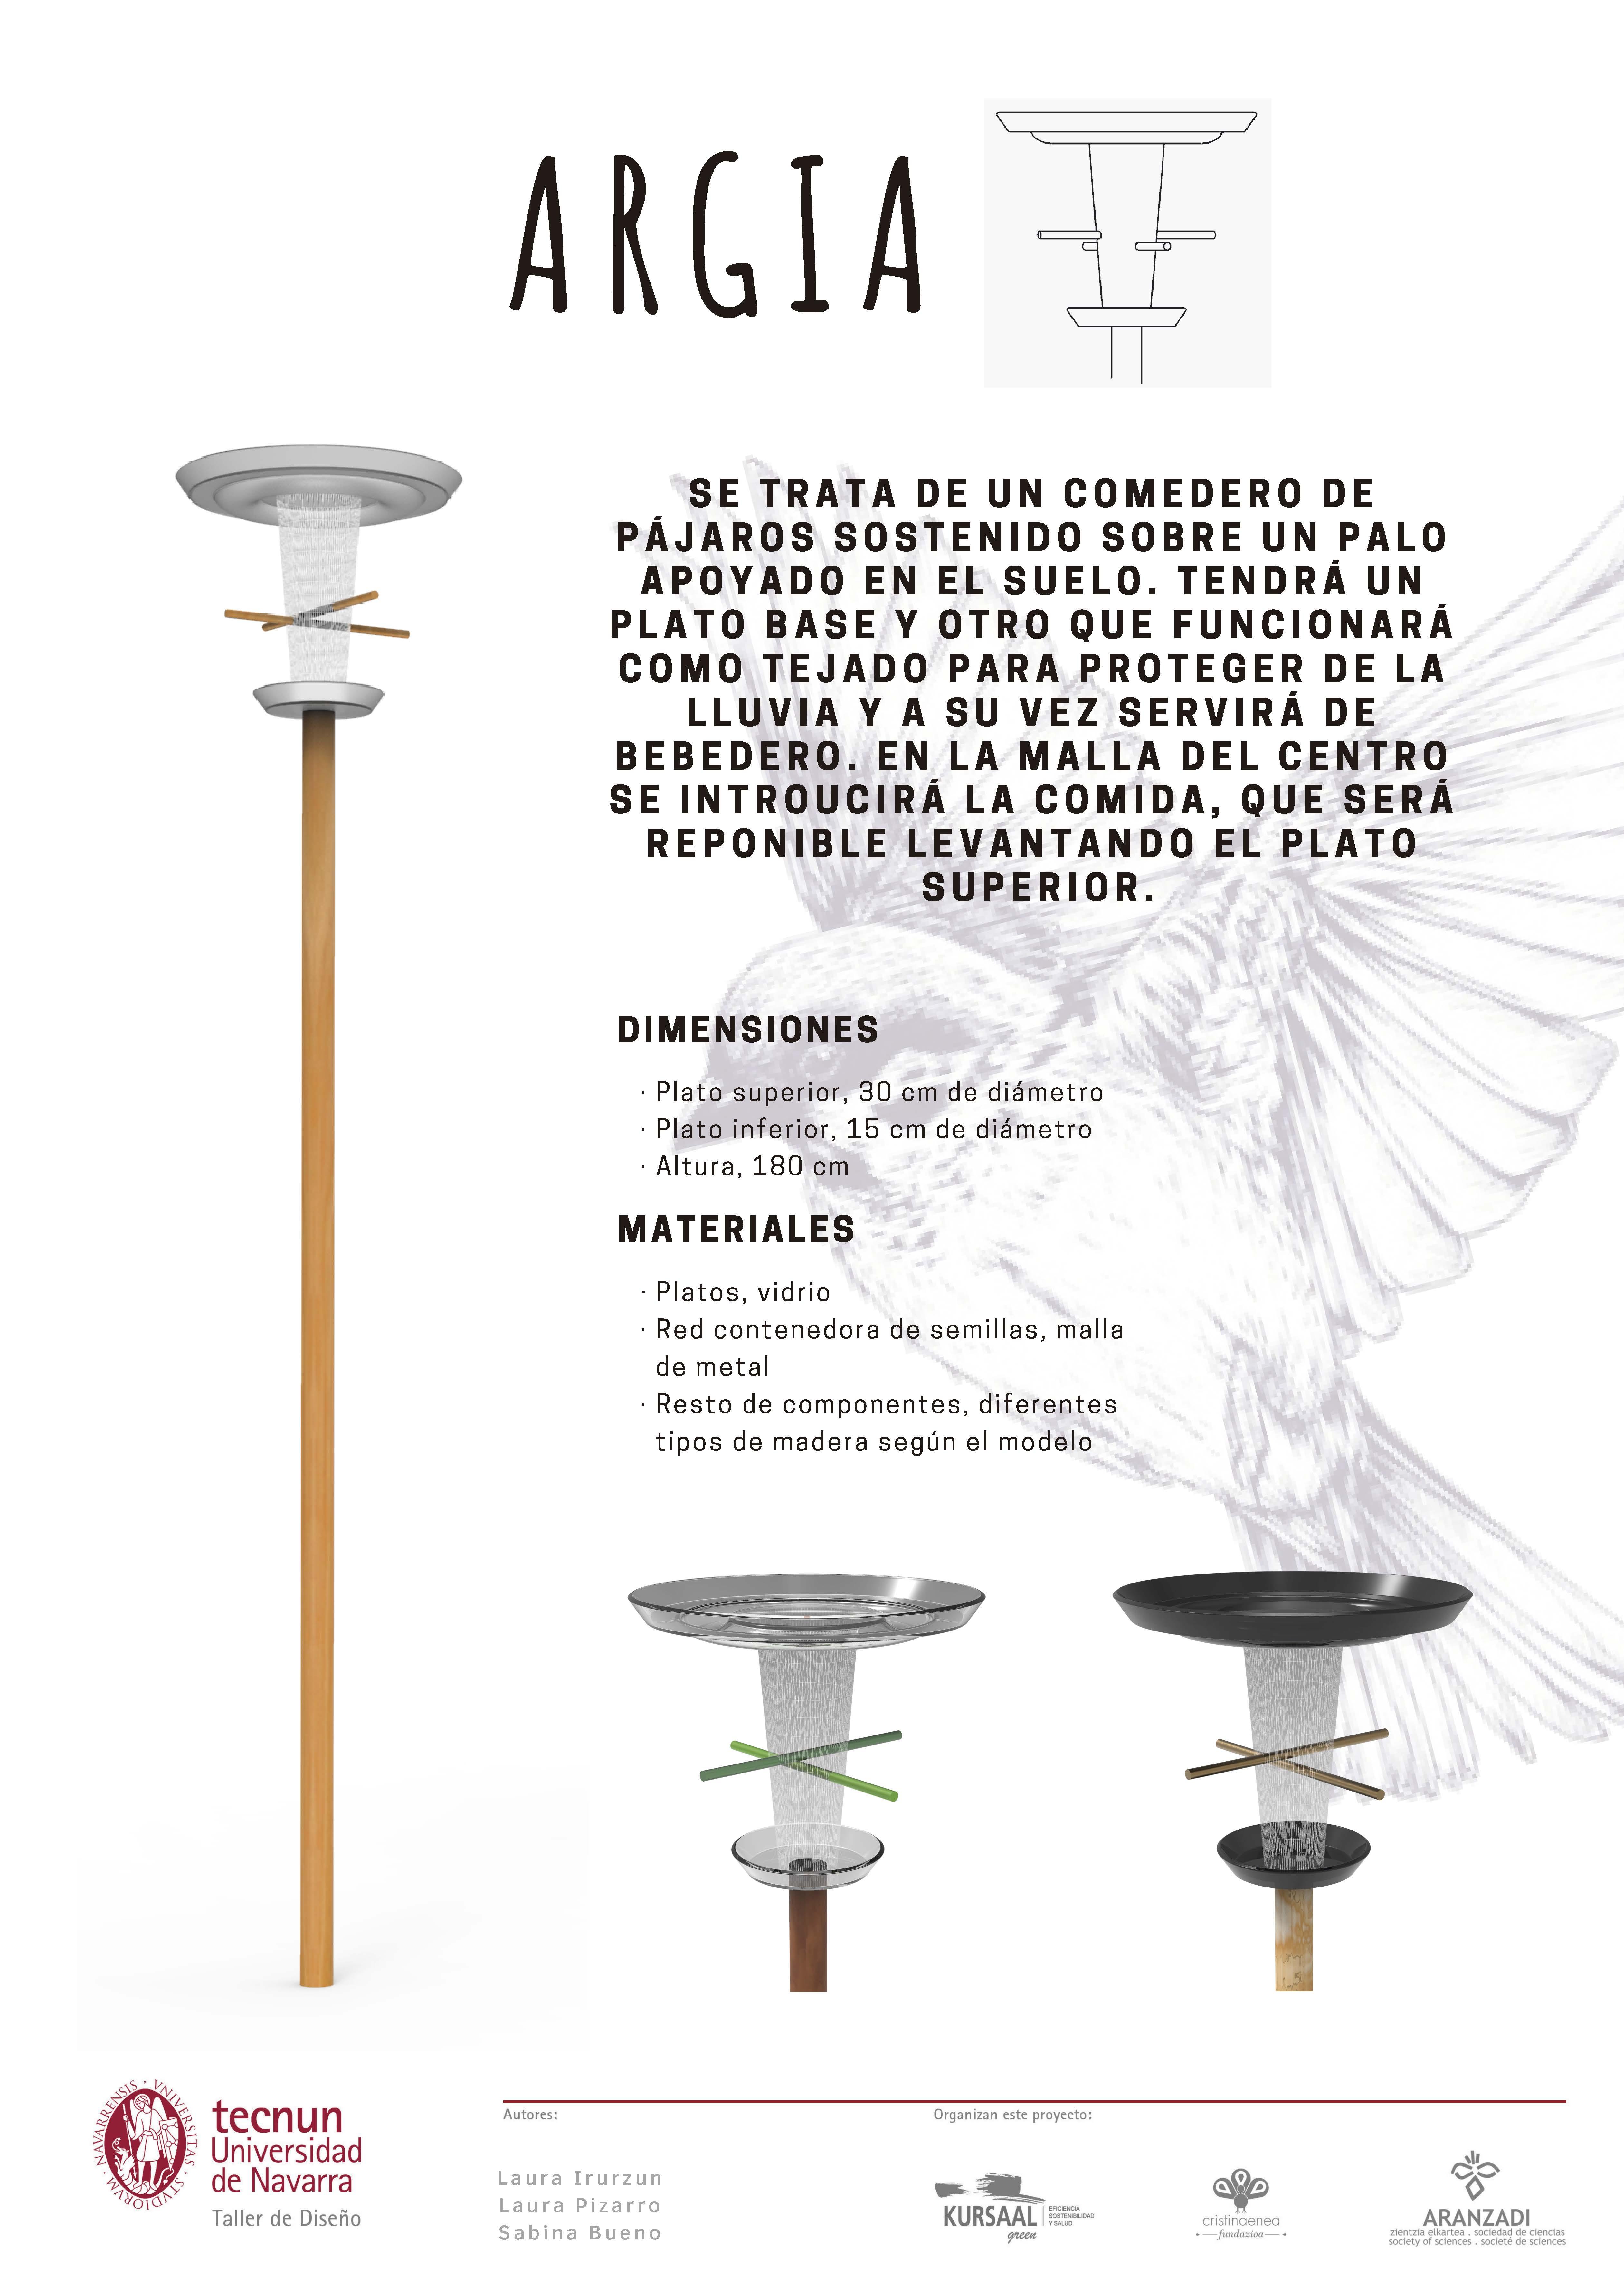 Taller de diseño - Tecnum - Txoriak - ARGIA